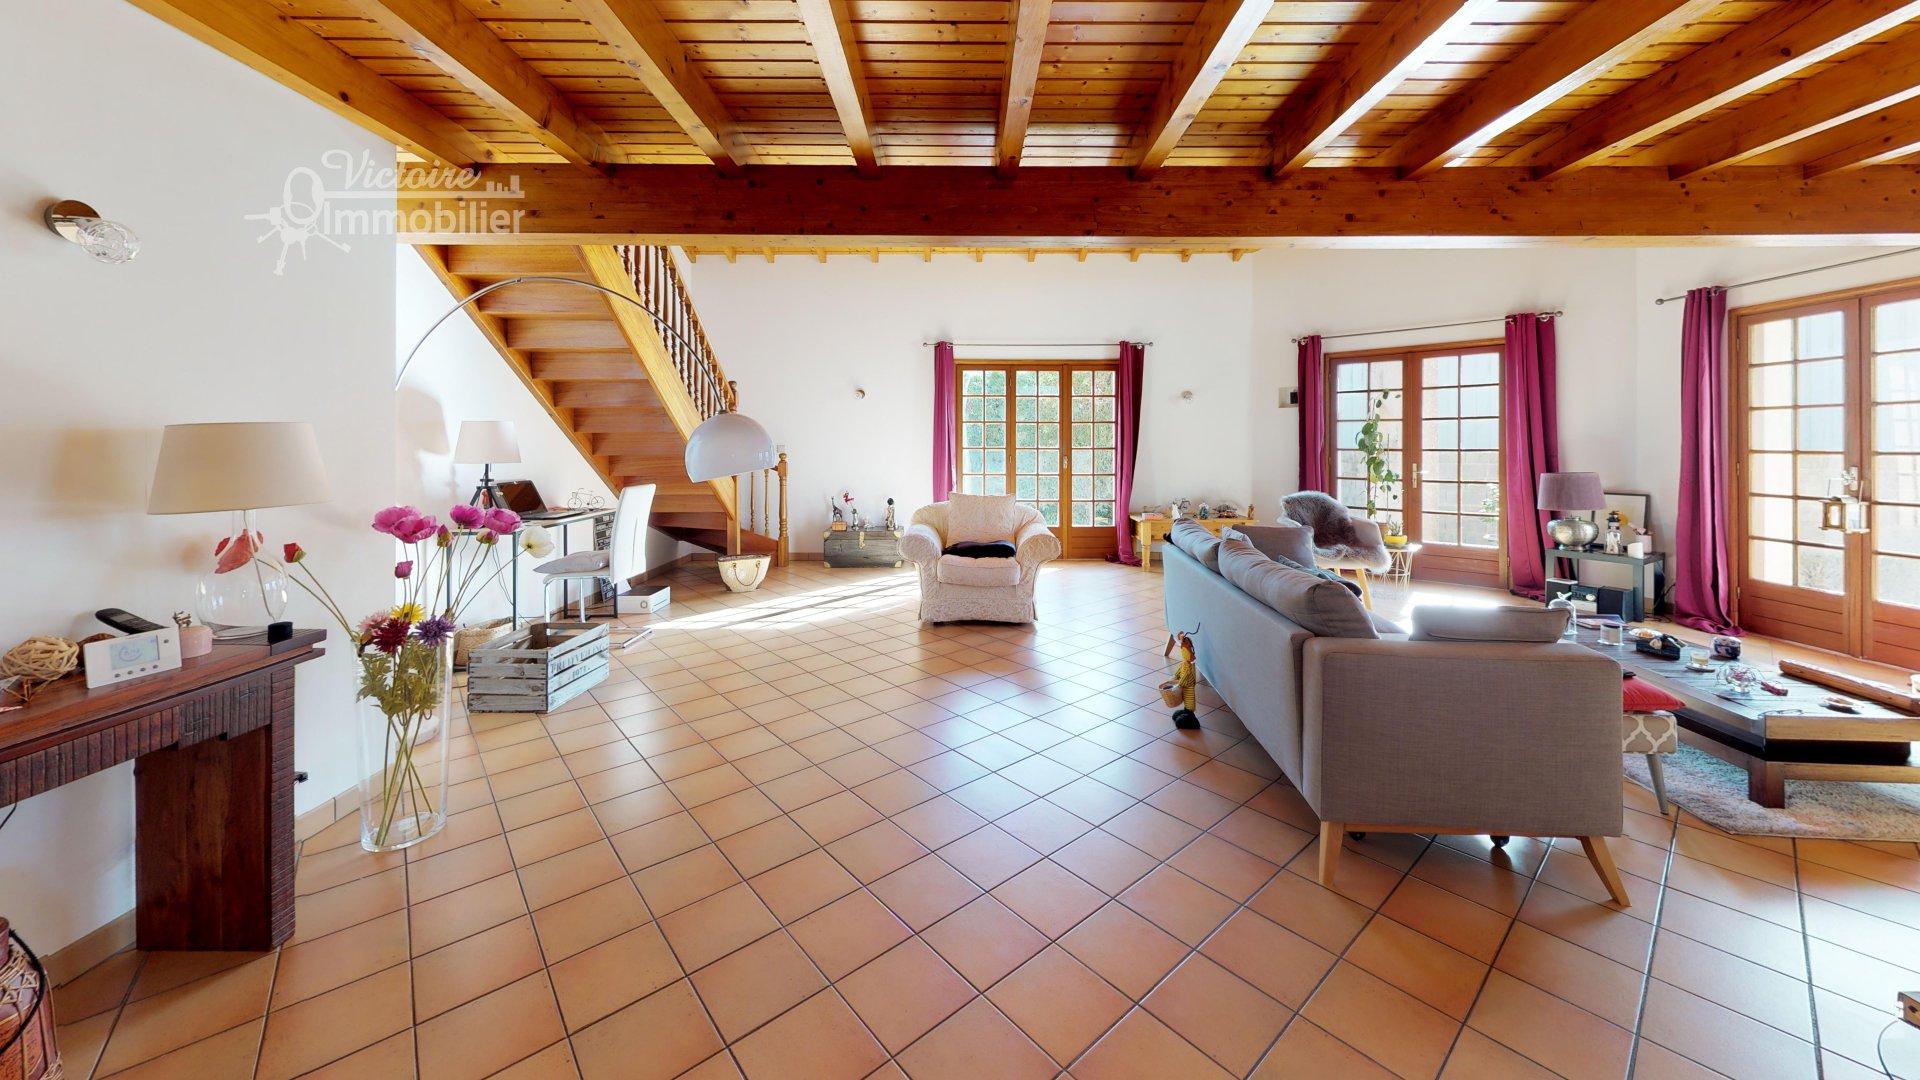 A VENDRE Maison T5 de 153 m2